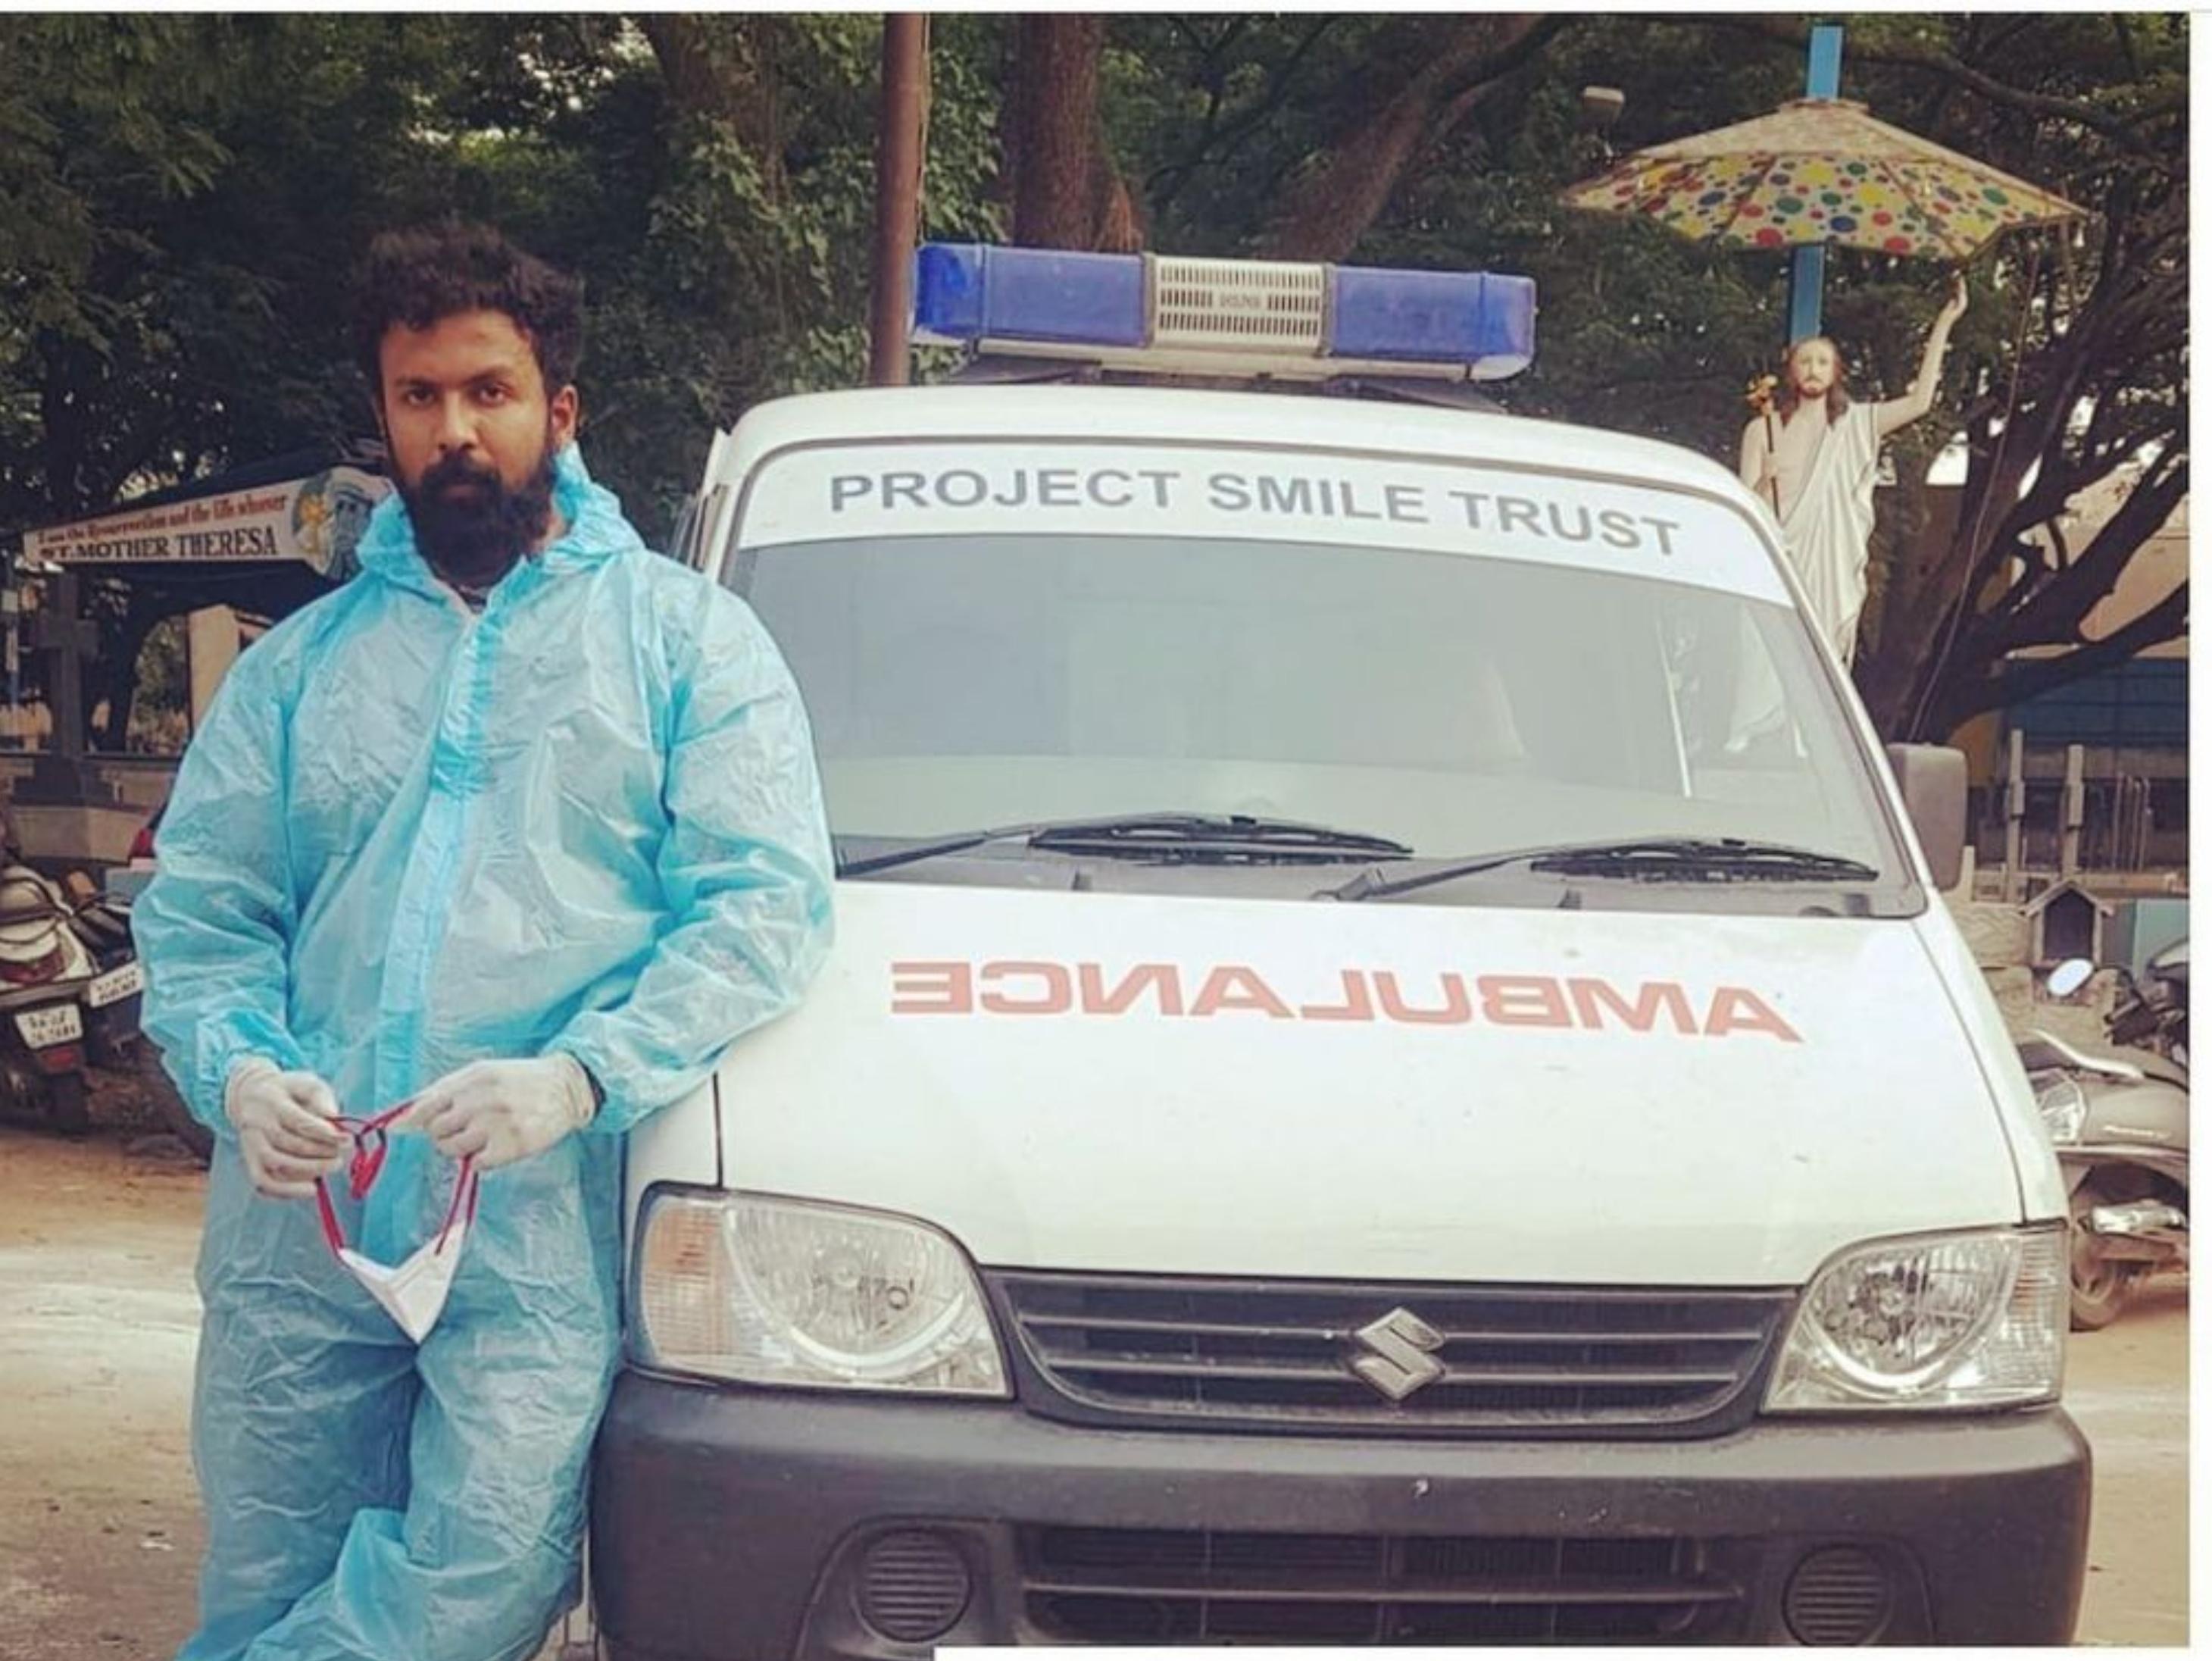 कोरोना मरीजों के लिए एम्बुलेंस ड्राइवर बने कन्नड़ एक्टर अर्जुन गौड़ा, आधा दर्जन का अंतिम संस्कार भी करवा चुके|बॉलीवुड,Bollywood - Dainik Bhaskar